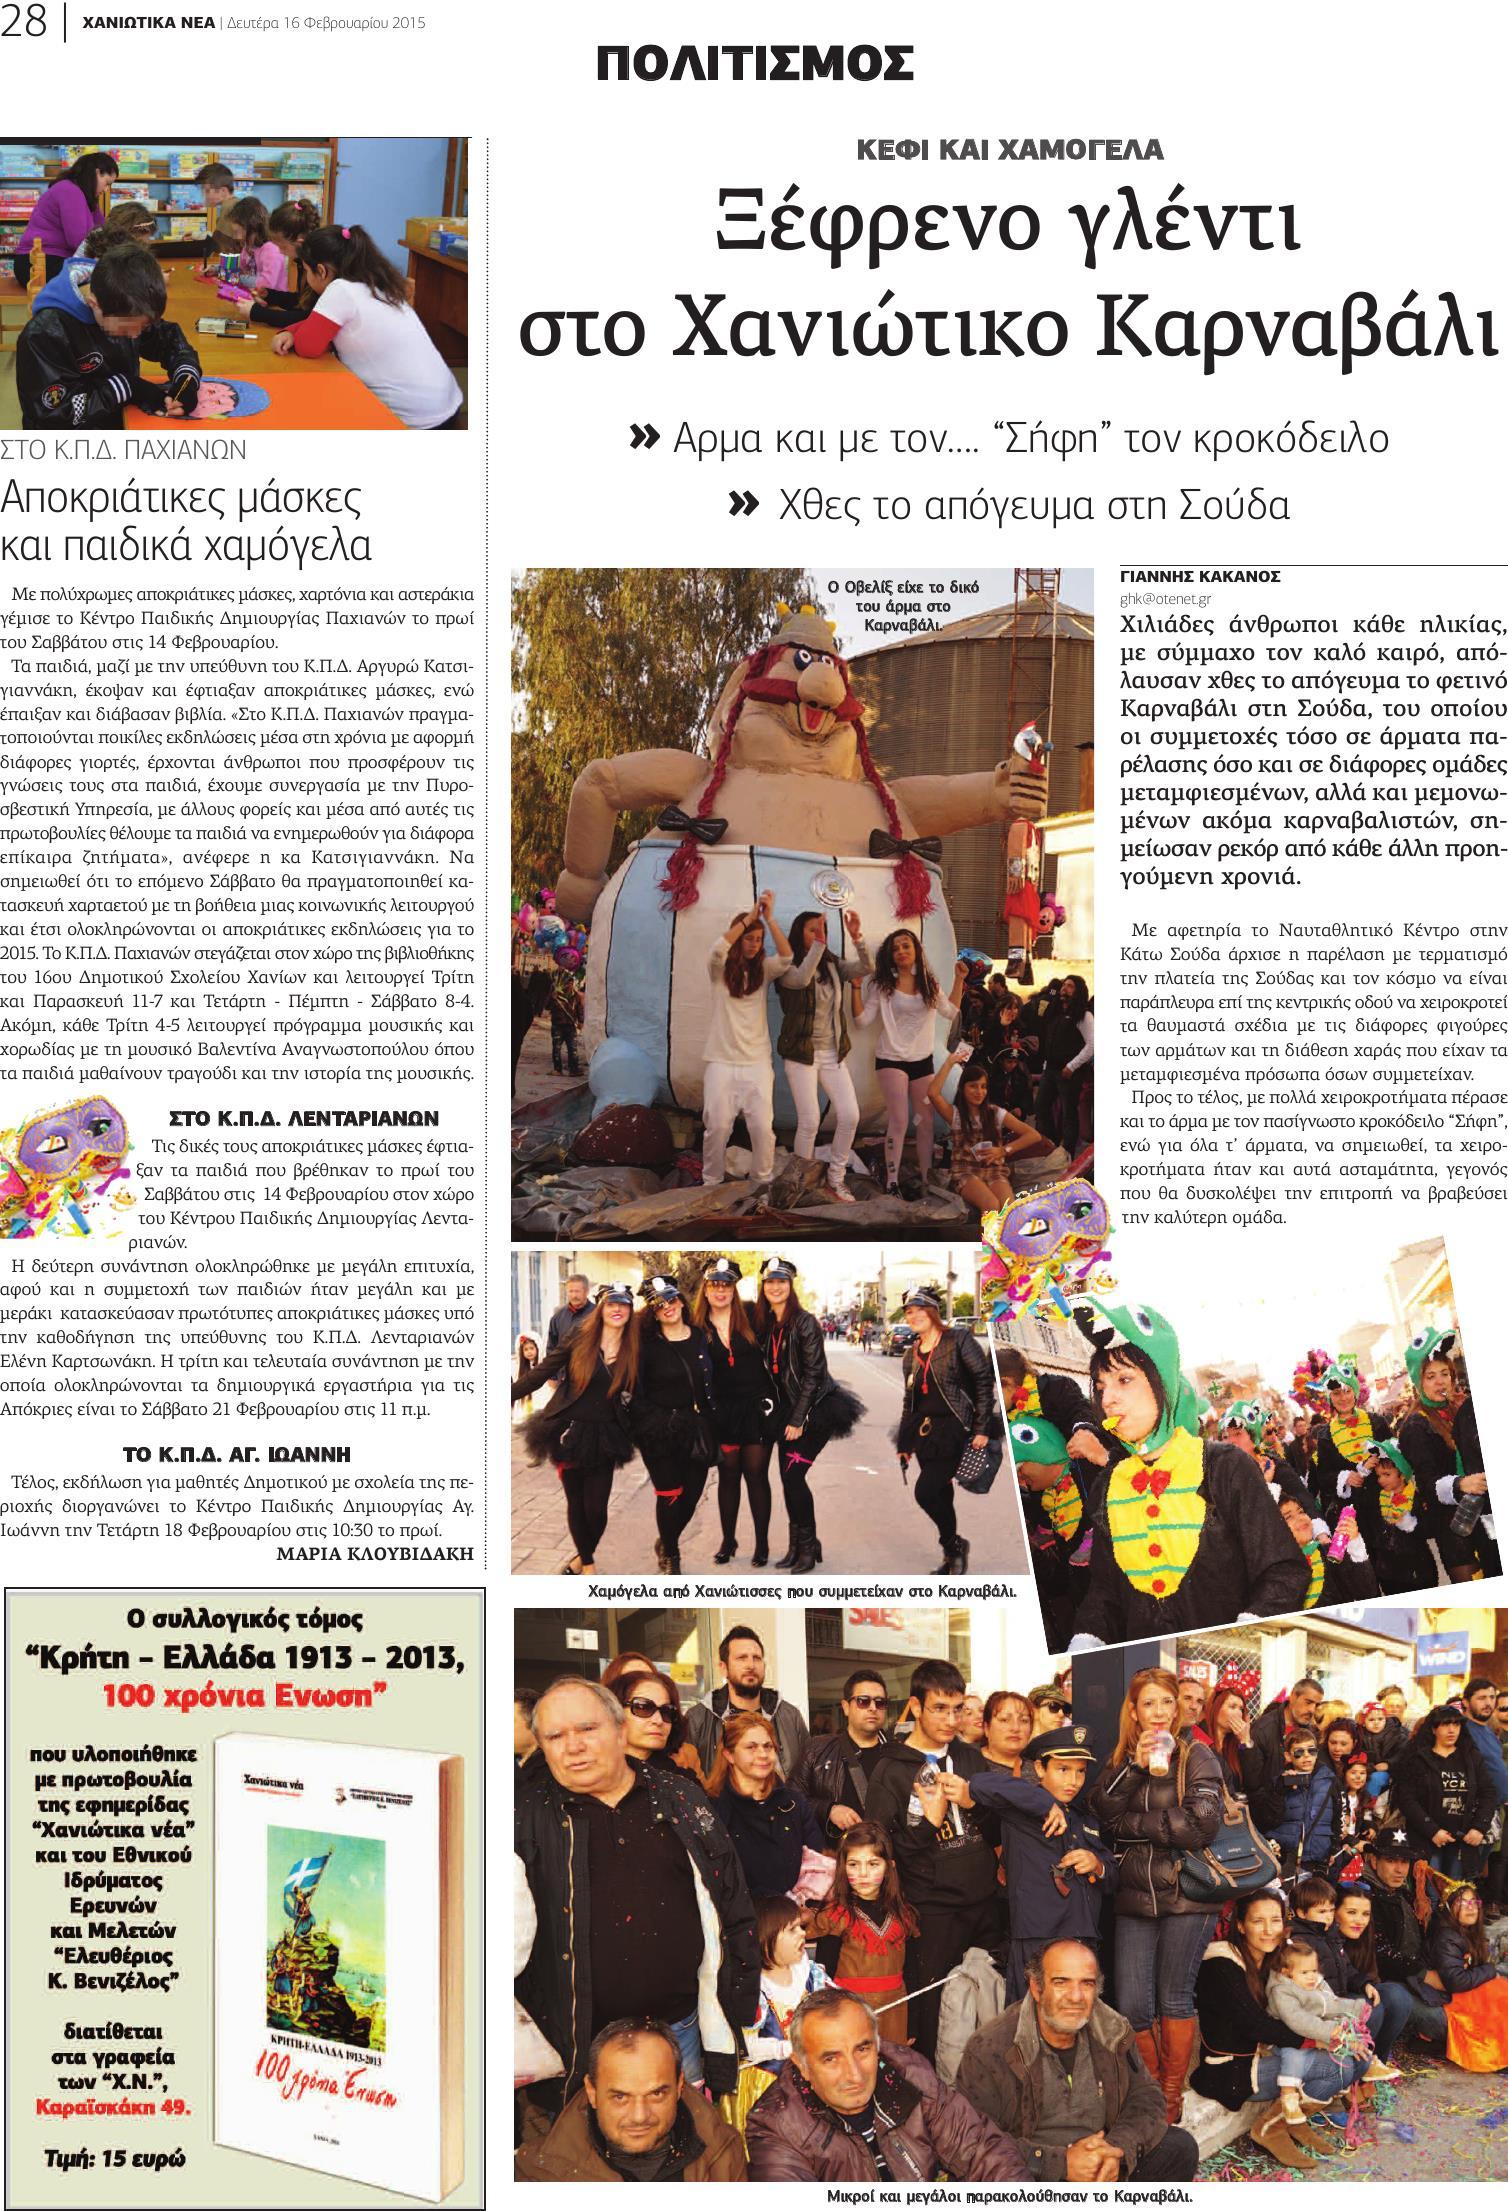 28-20150216 Καρναβάλι Χανίων σελ. 1